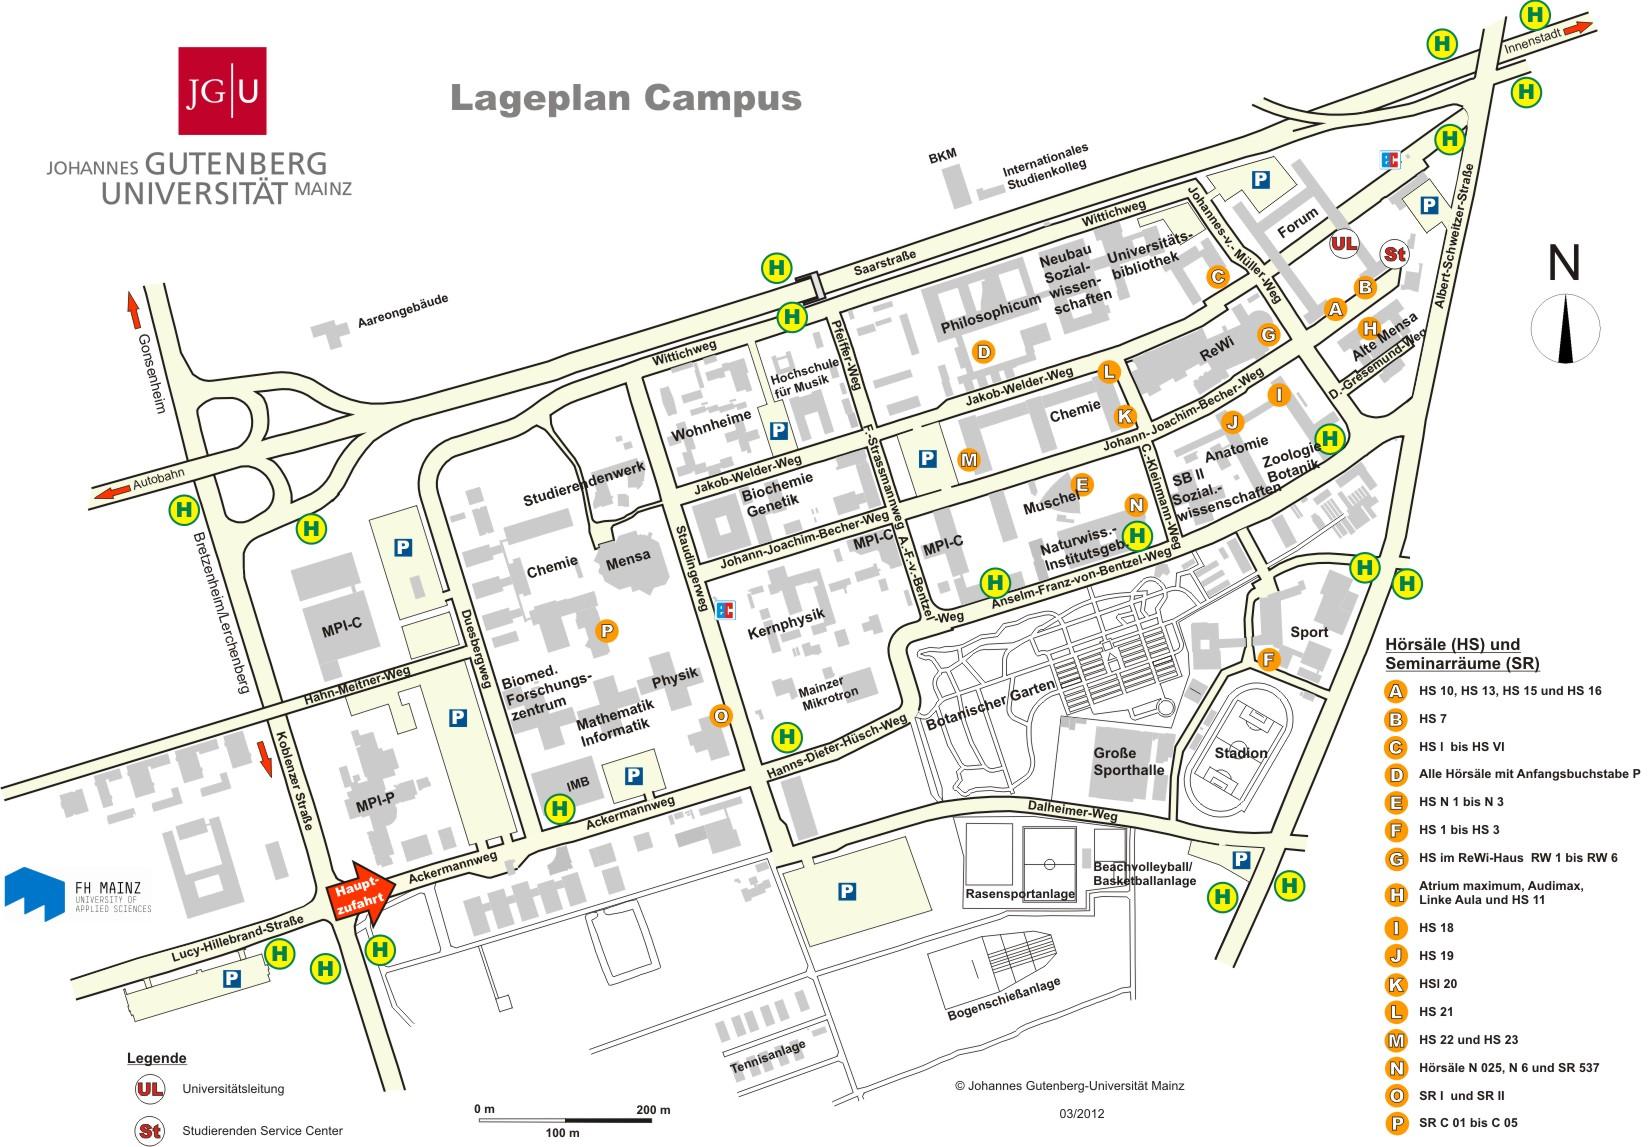 map of the JGU-campus